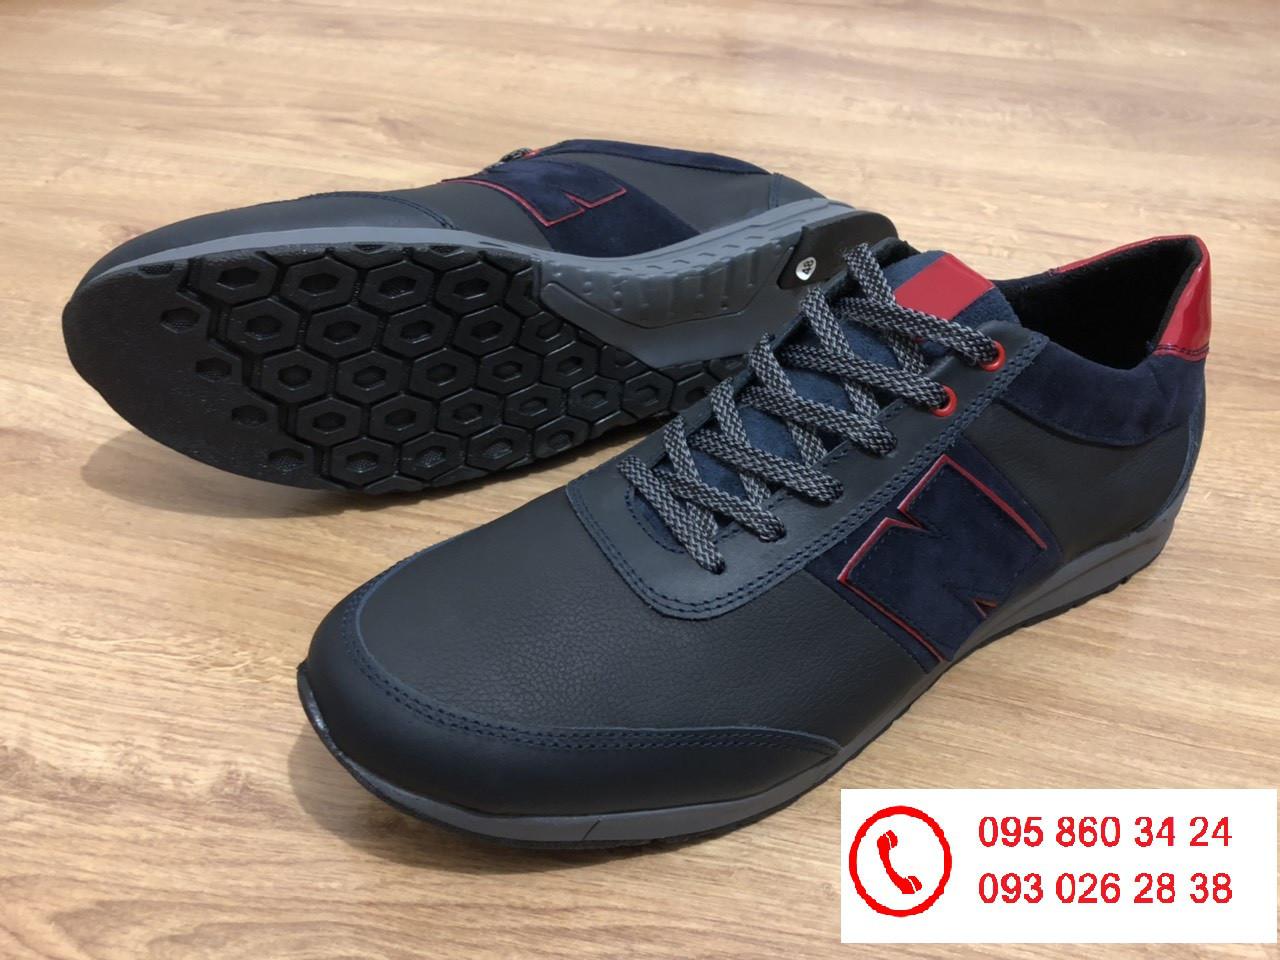 Мужская обувь кроссовки New Balance больших размеров 46 47 48 49 50 -  Интернет- магазин 7c3b9cc865e07